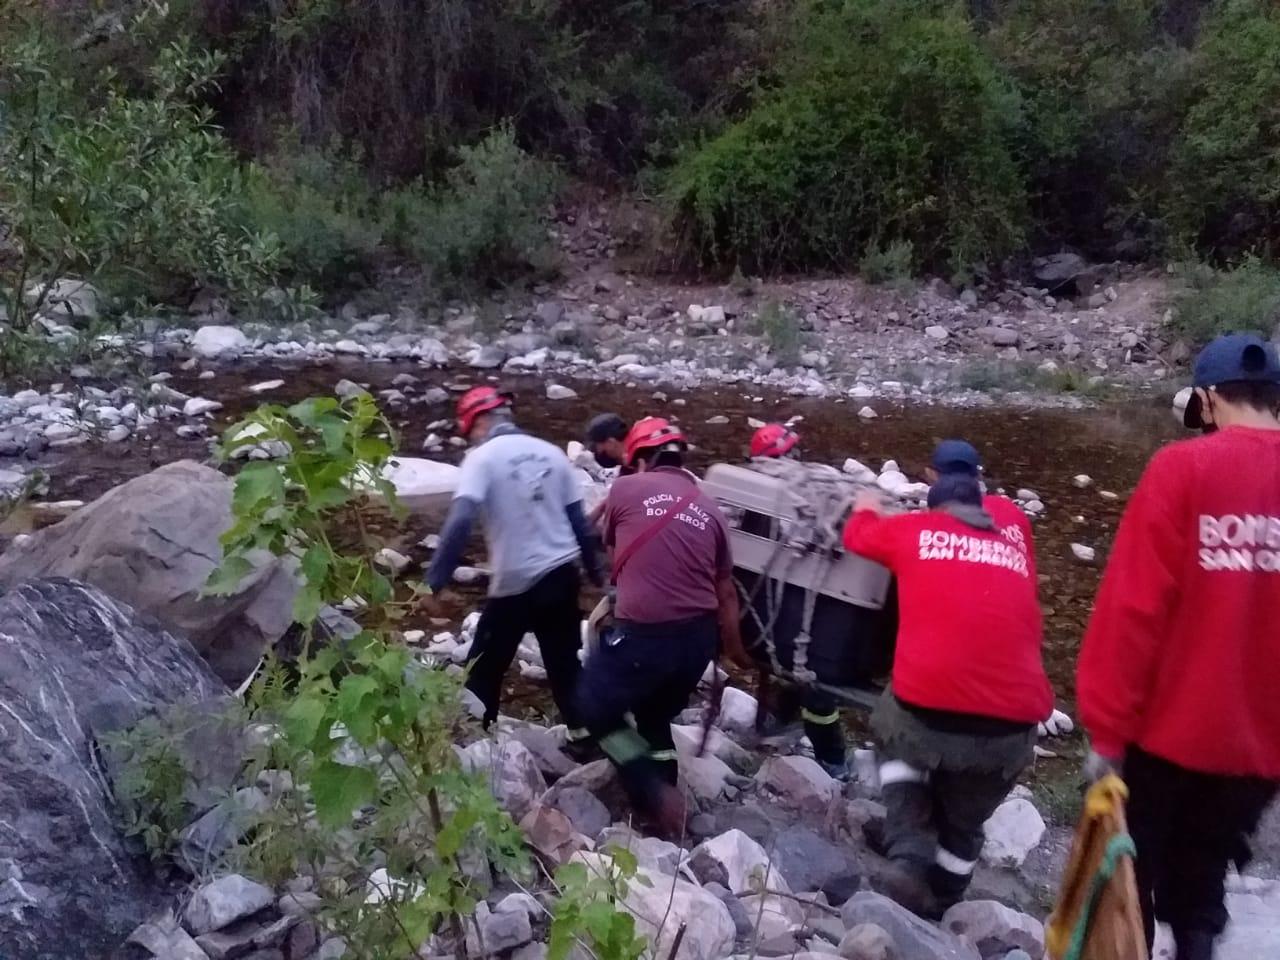 Bomberos voluntarios y  la Policia rescataron a una persona y a su mascota en la cascada de Castellanos